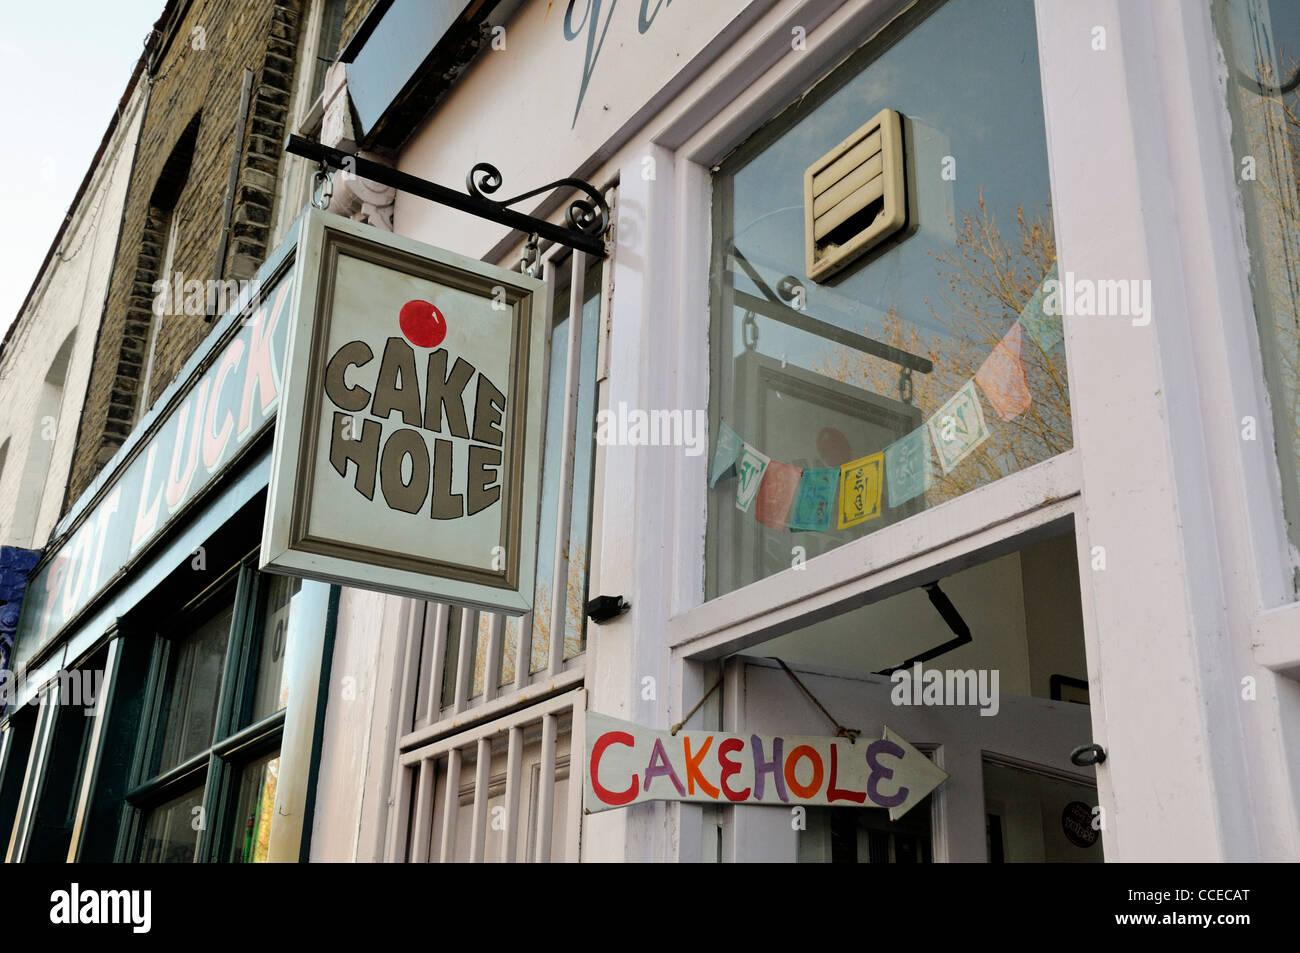 Trou de signer ou gâteau de thé Cakehole Columbia Road Flower Market Tower Hamlets London England UK Photo Stock